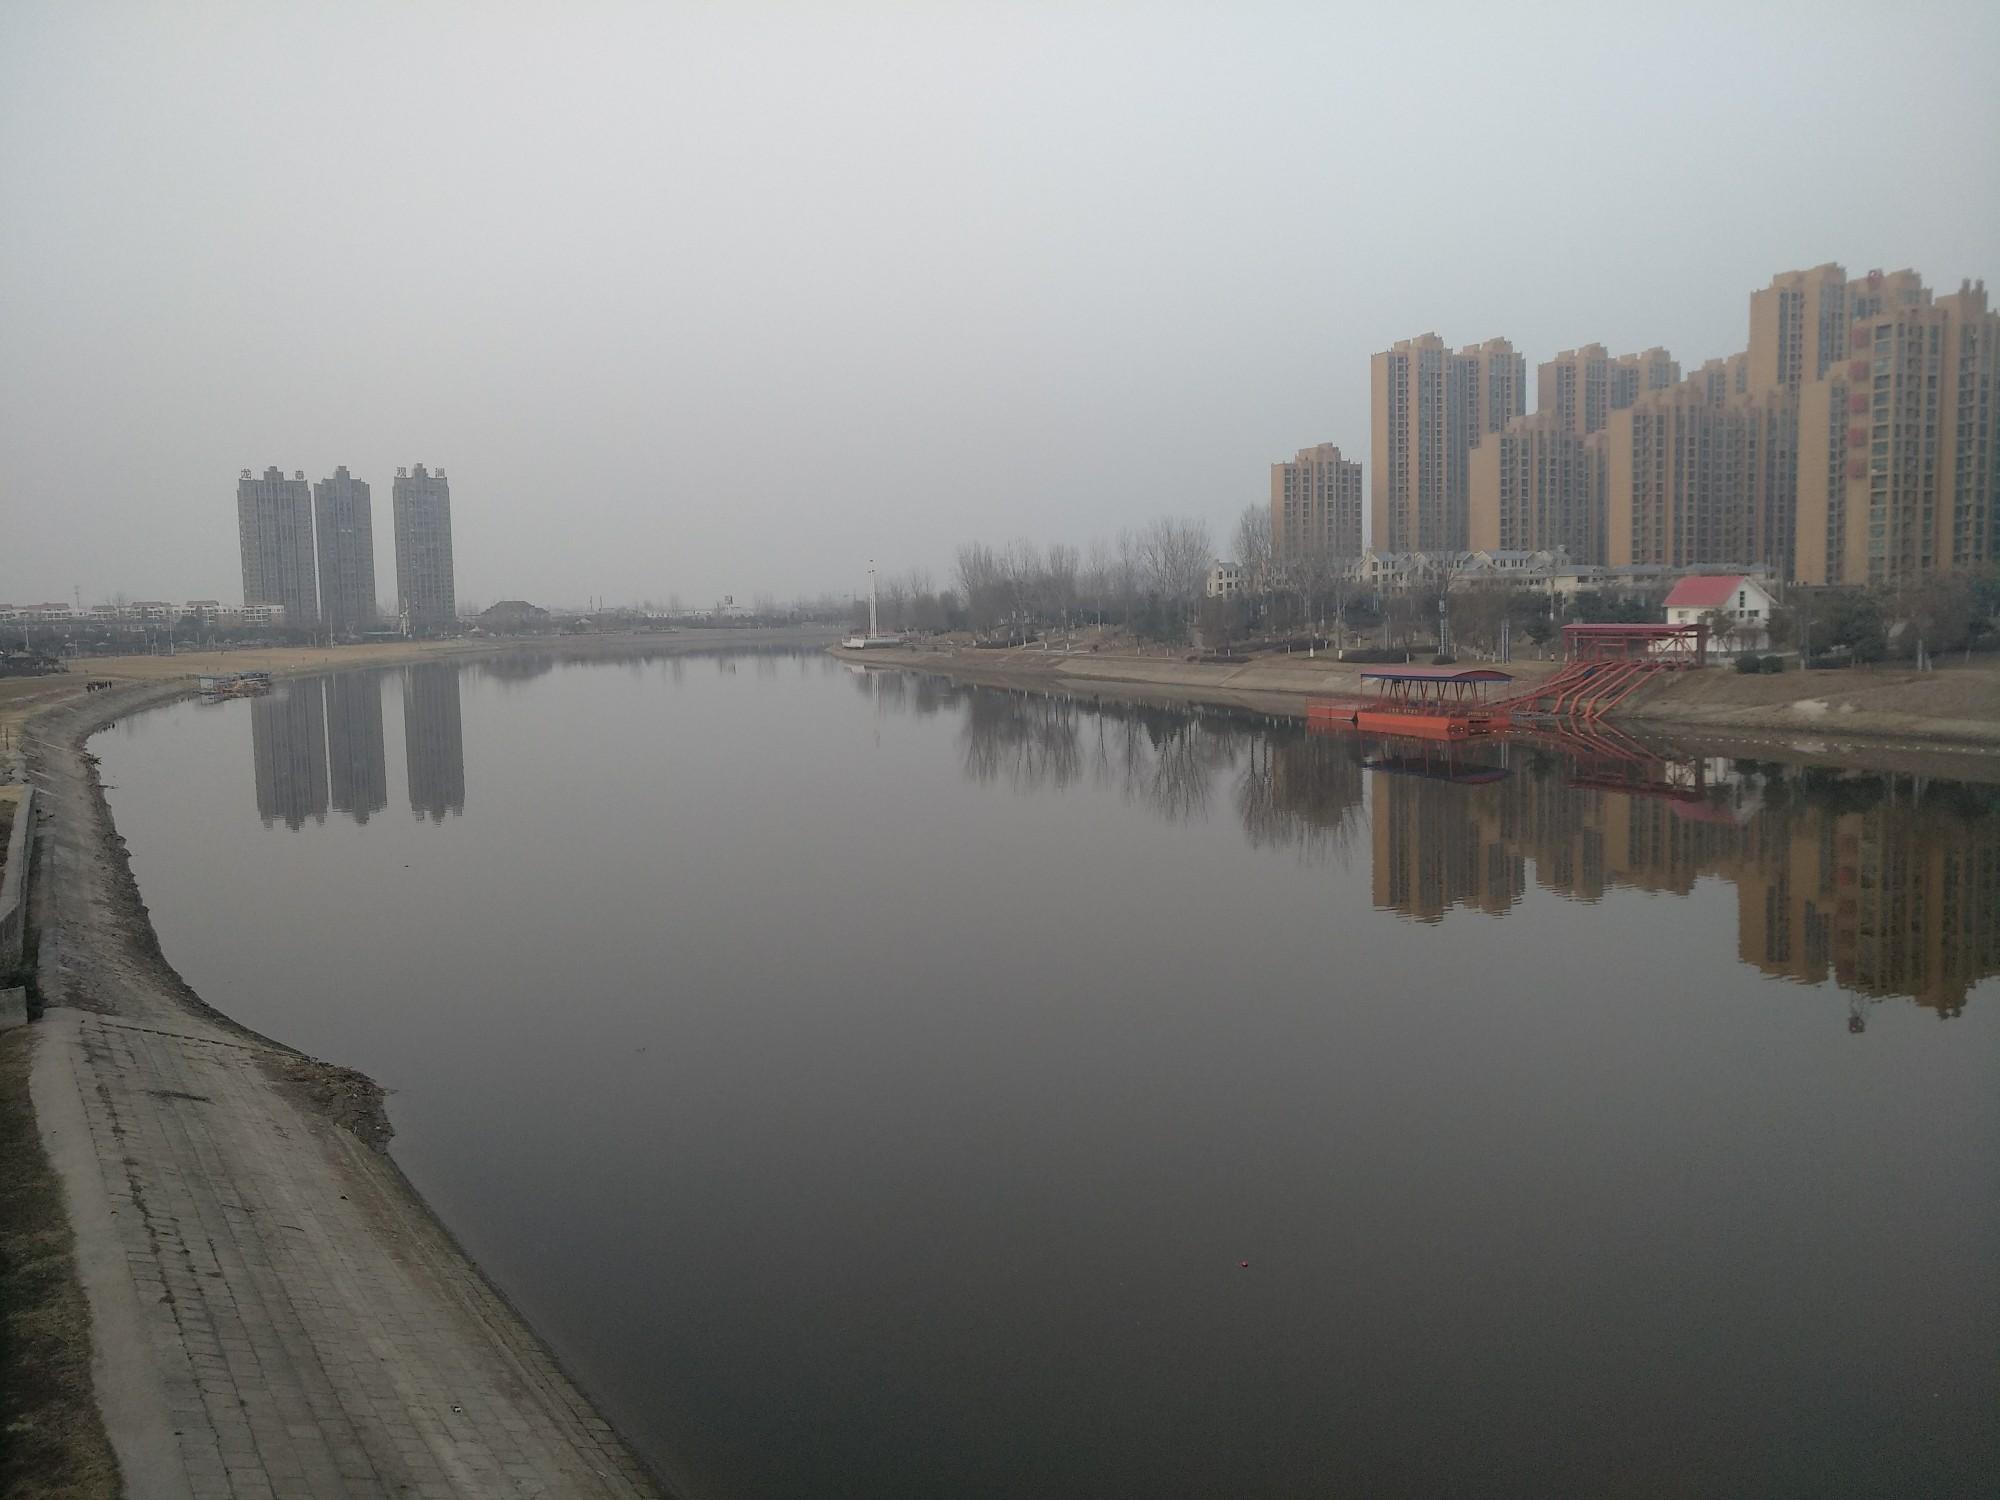 本地论坛 69 这是漯河 69 漯河聊吧 69 沙澧河风景拍摄照片